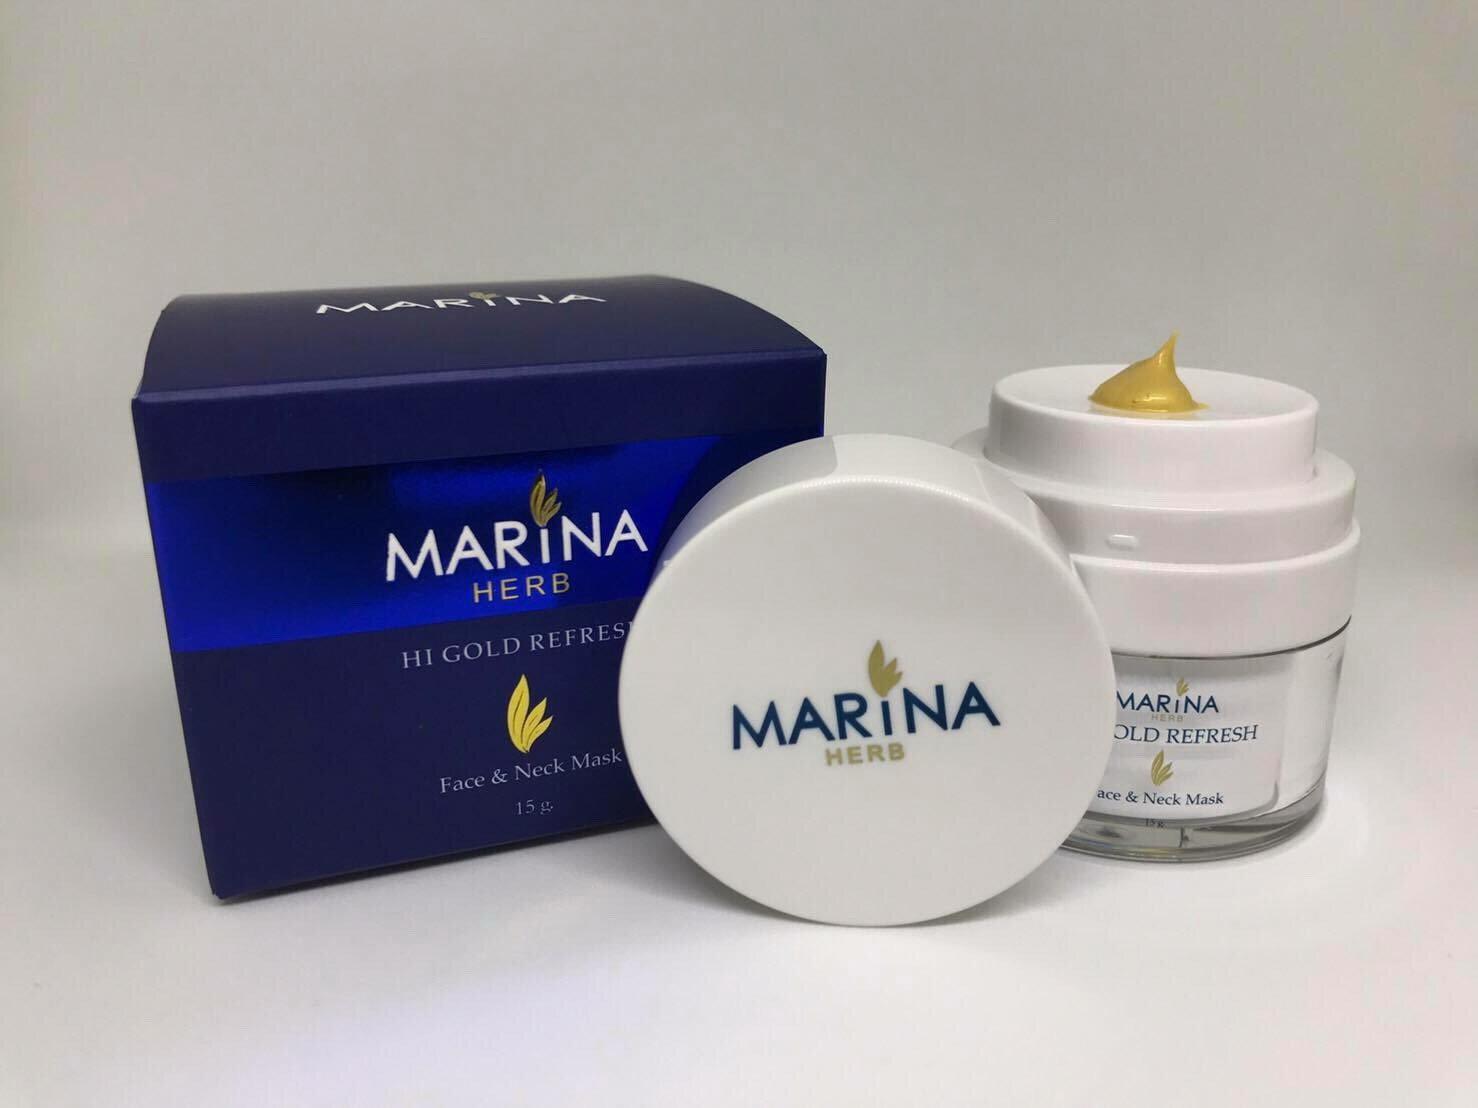 มารีน่า ครีมทองคำ ไฮ โกลด์ รีเฟรช Marina Hi Gold Refresh Cream